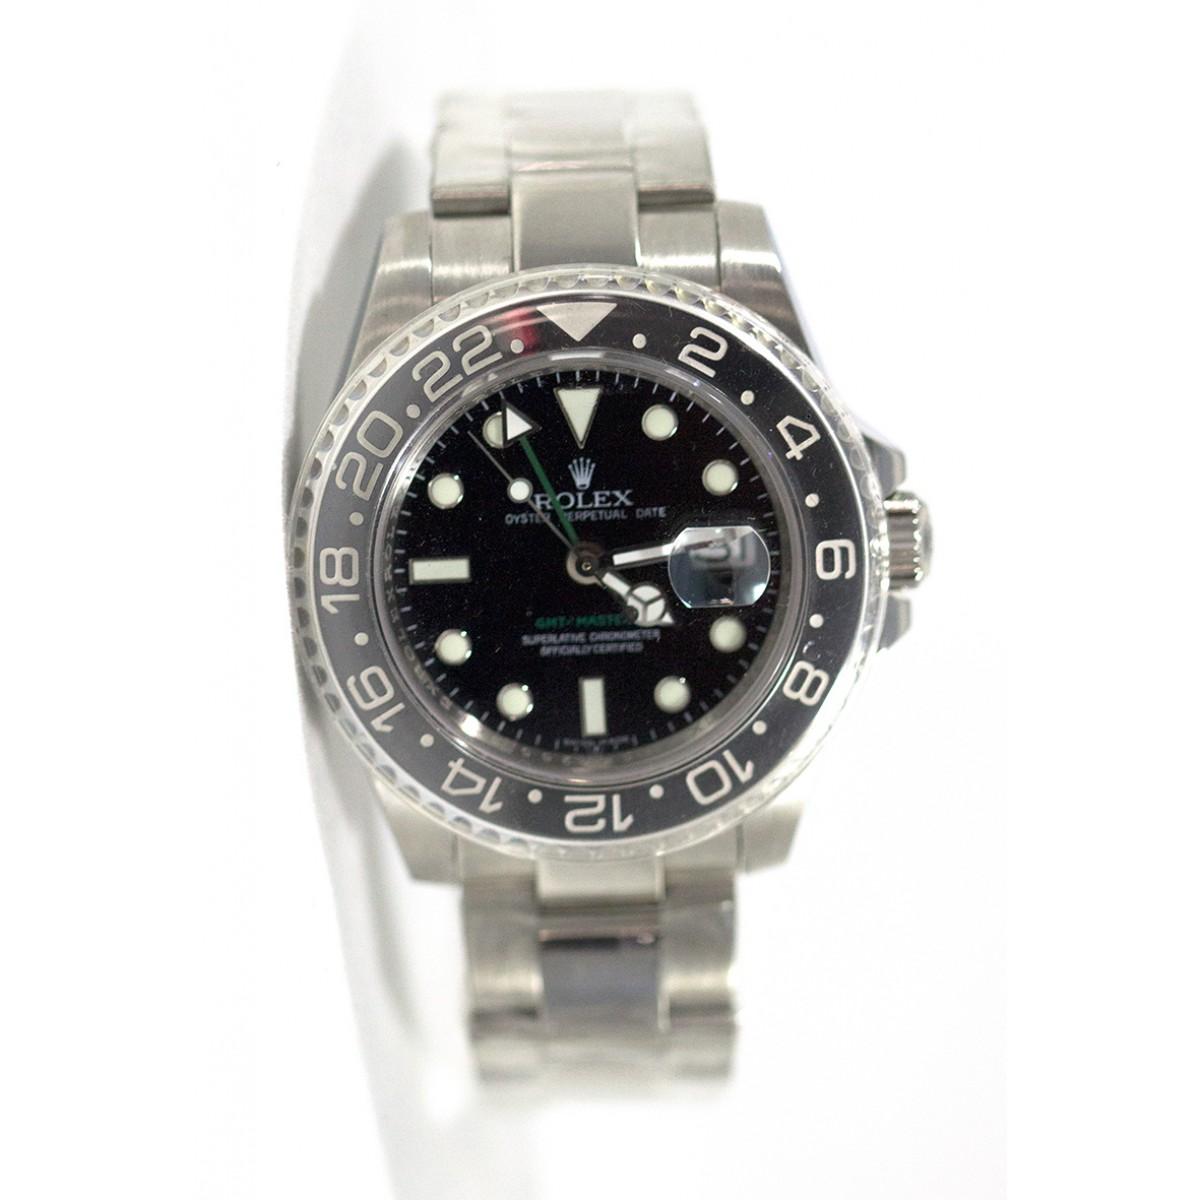 fce9fbe5e8c Replicas De Rolex Explorer Ii - cheap watches mgc-gas.com